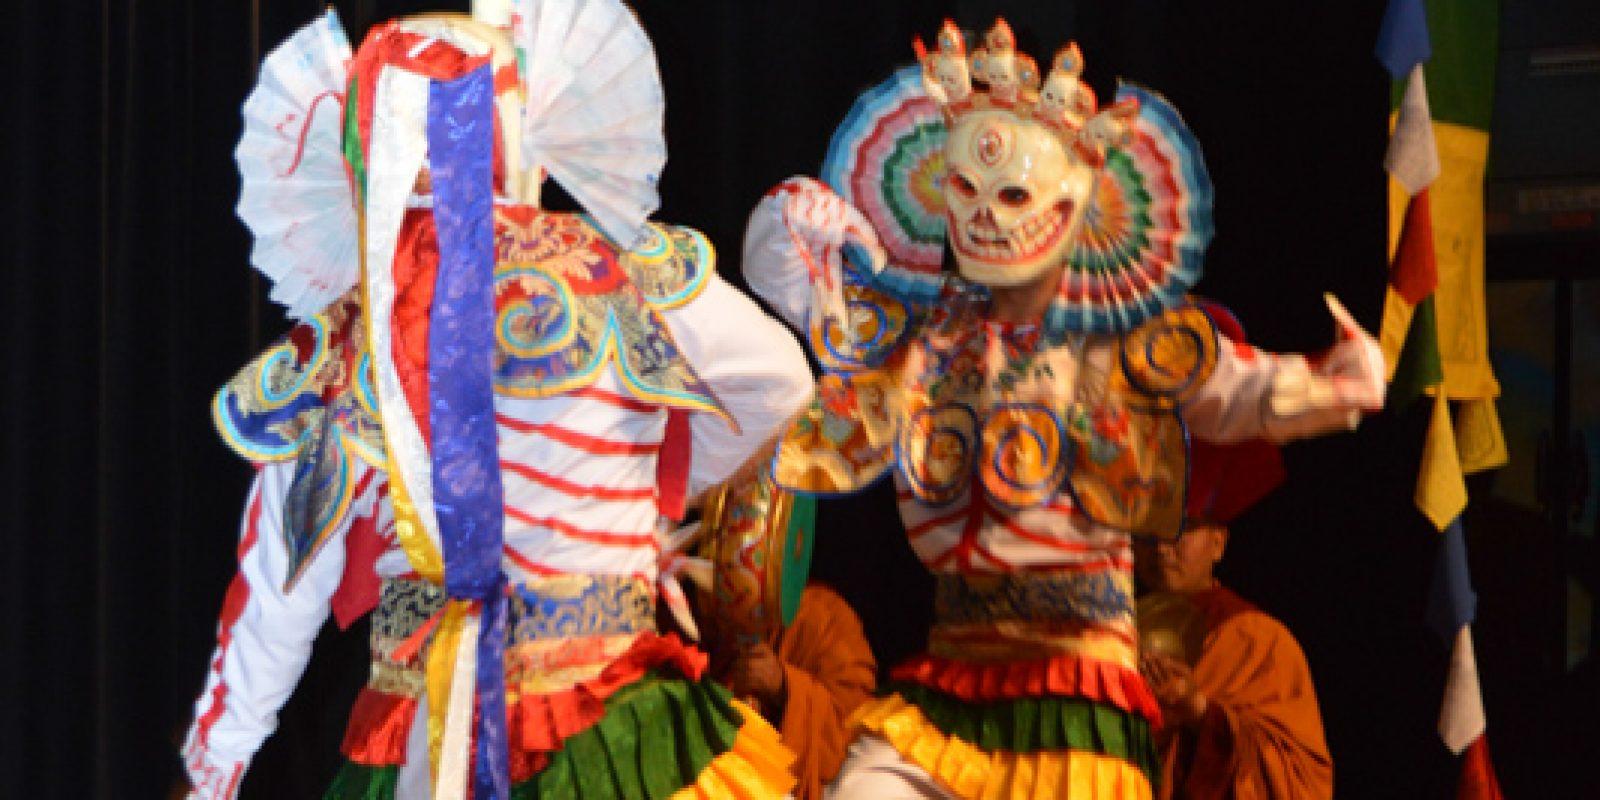 Danse traditionnelle tibétaine : 2 hommes aux masques de tête-de-mort